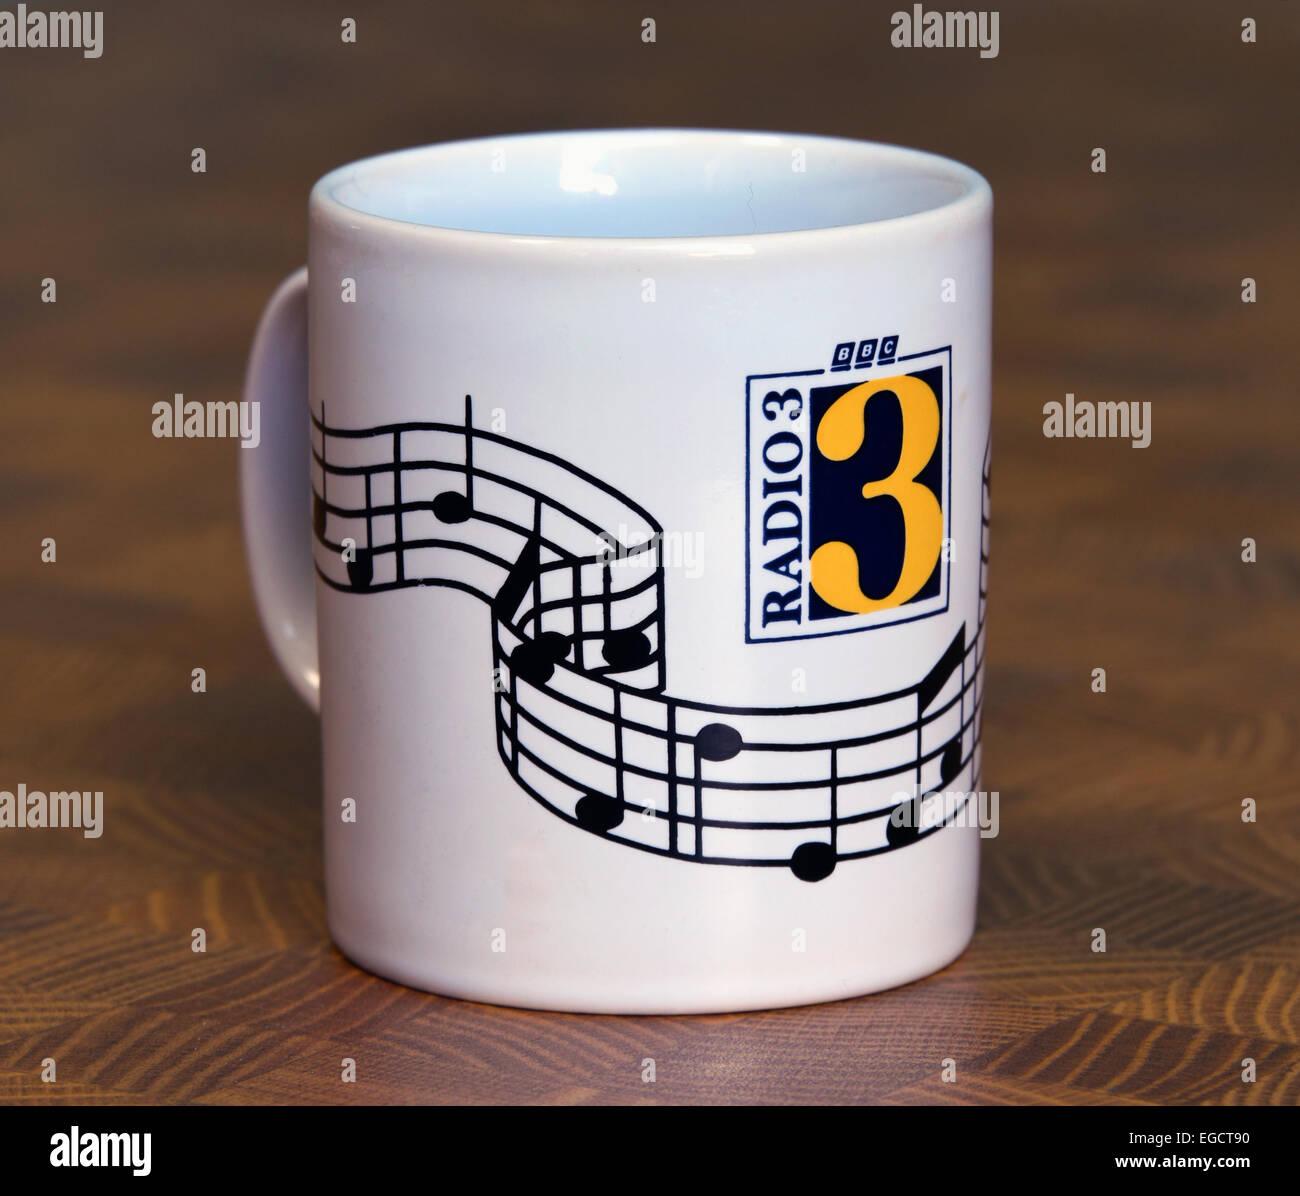 bbc-radio-3-mug-EGCT90.jpg